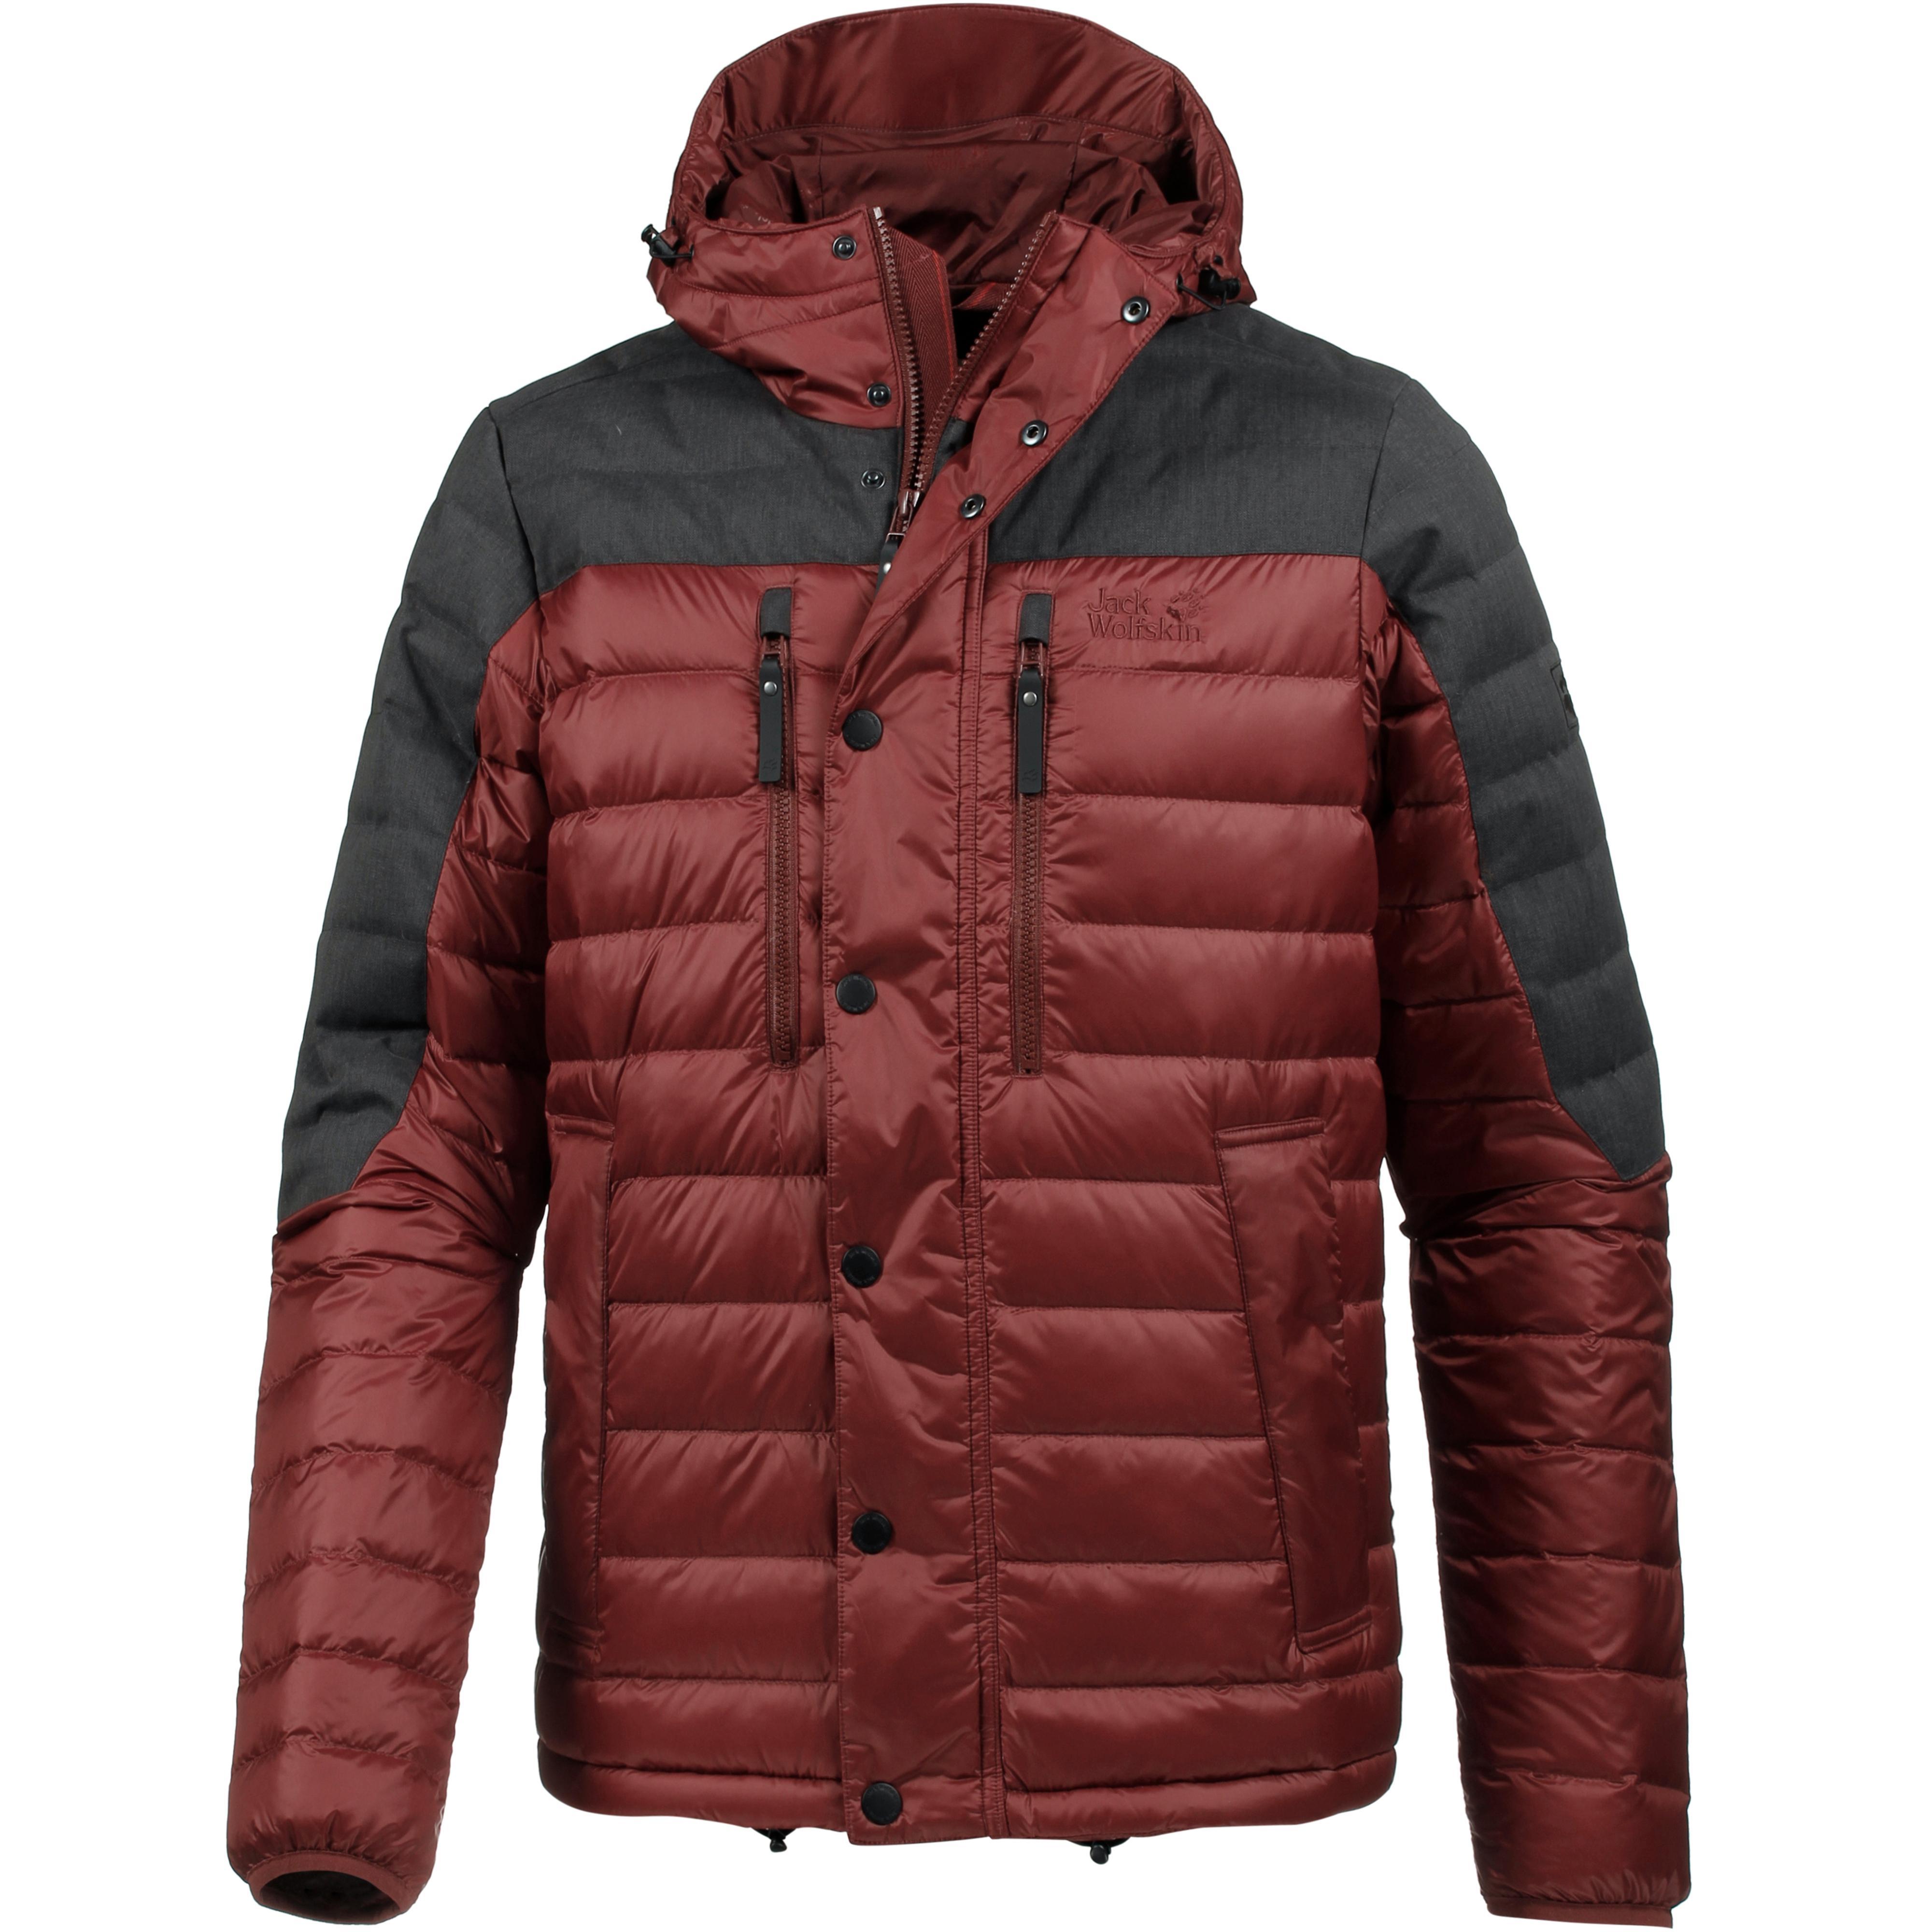 Jacken online kaufen   Silber, Jack Wolfskin Top Mode